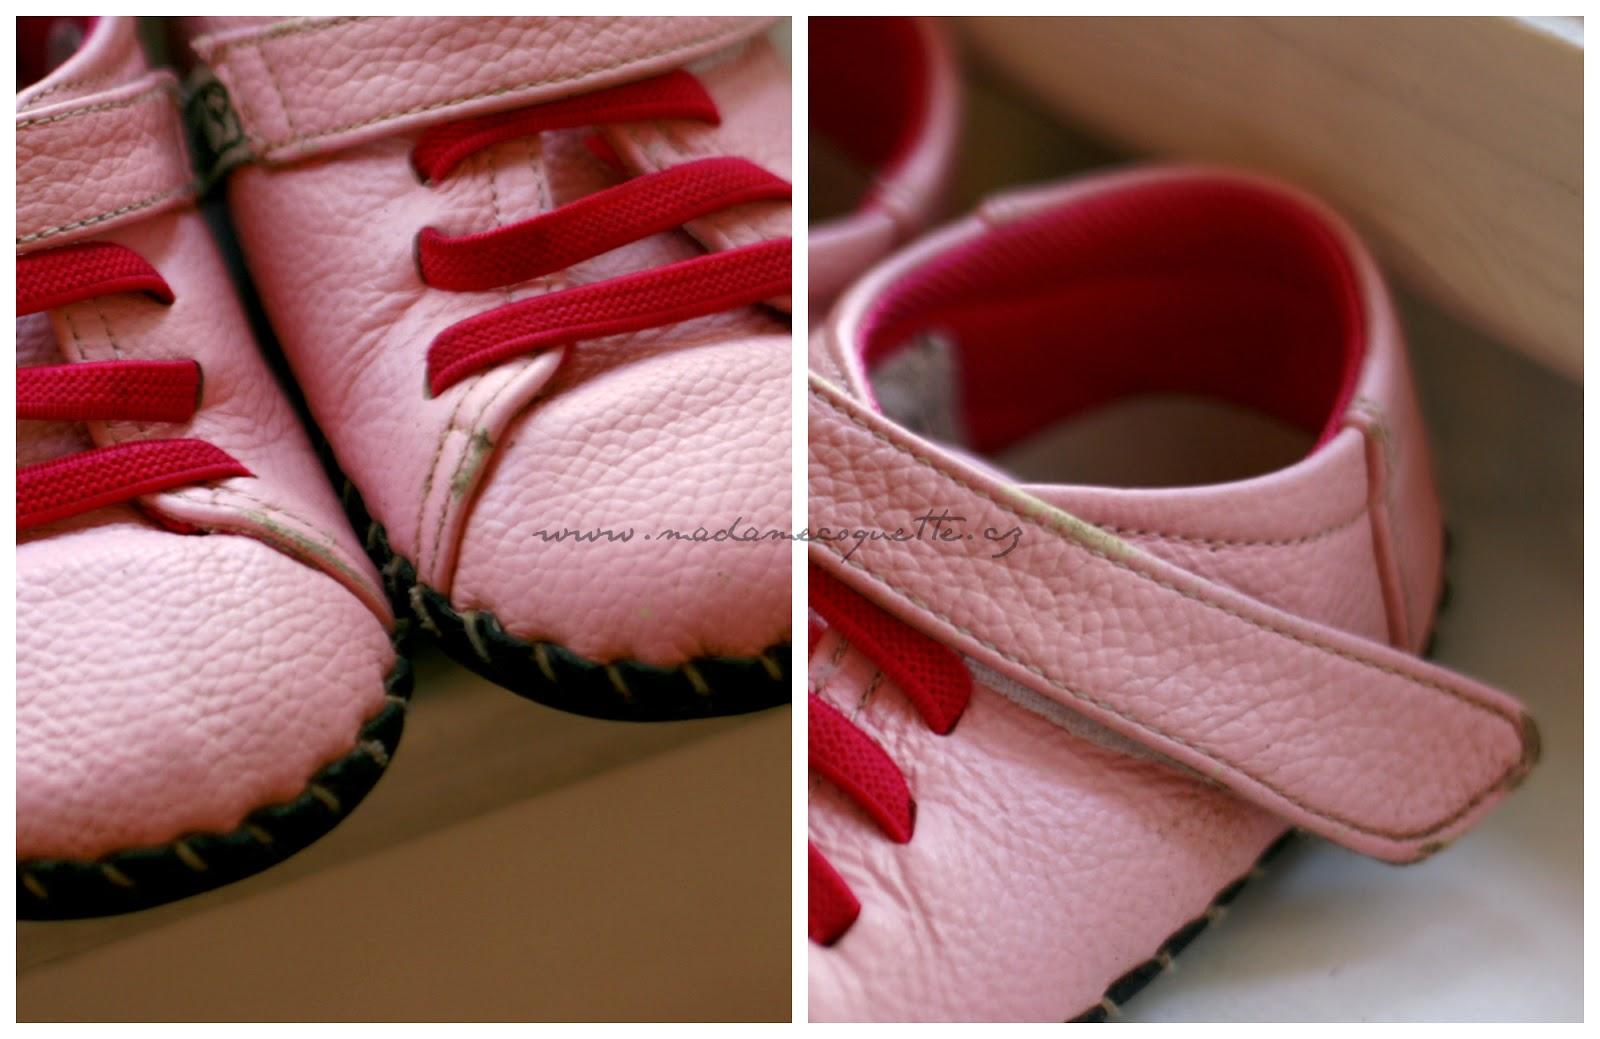 Na botech jsou patrné drobné oděrky kůže - na první pohled nejsou ani moc  vidět a na funkci boty nic nemění. Naopak jsem překvapená fc485b641f